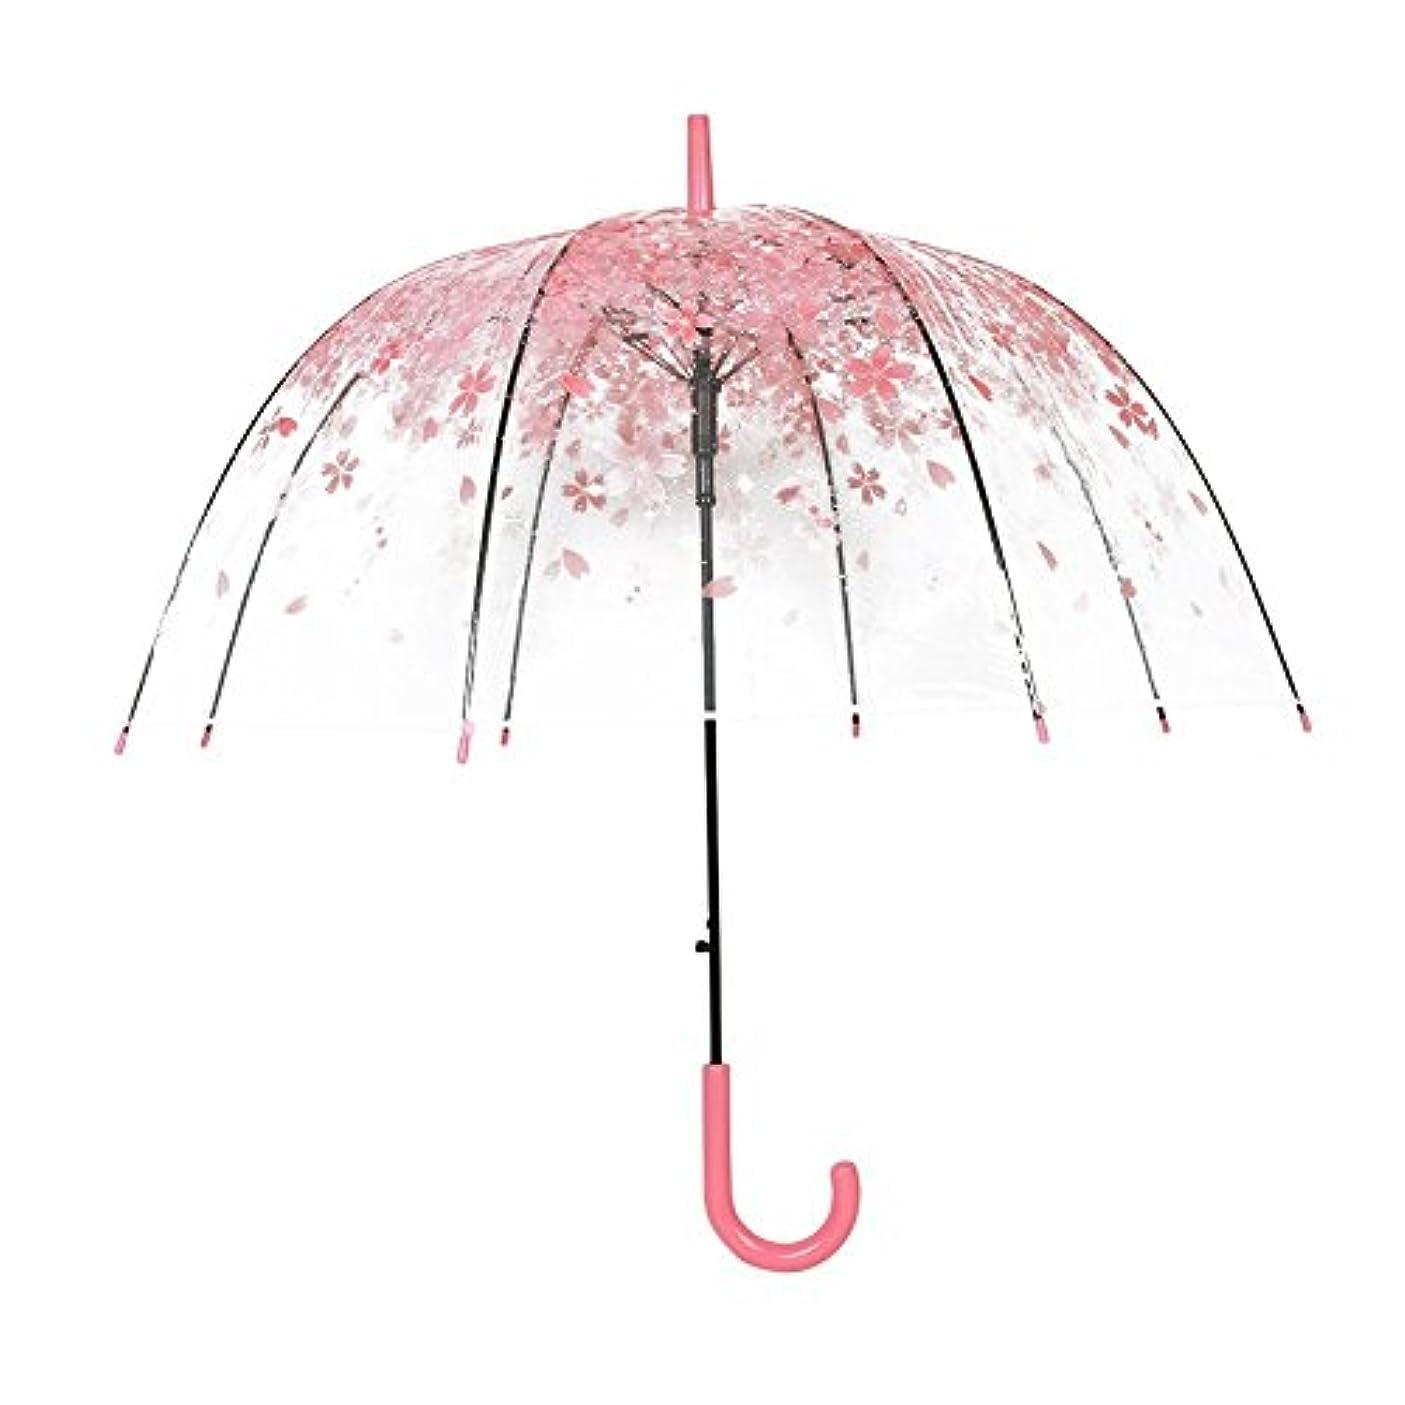 先生溶岩聡明傘 晴雨兼用傘 旅行の傘 写真撮影に適合 プレゼント 女の子を送るのに適合 桜花 透明 ドーム型 可愛い 長傘 軽量